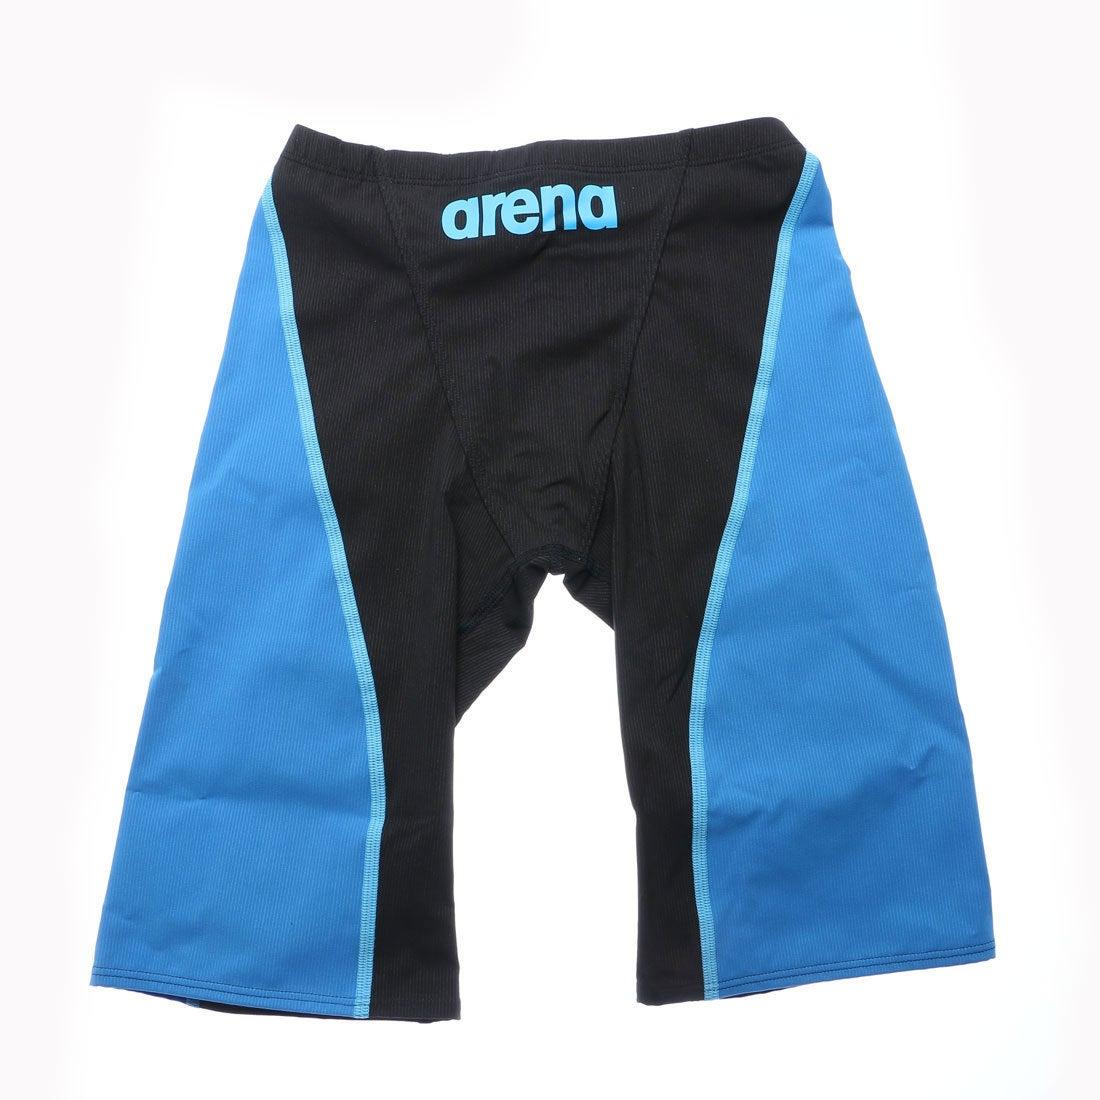 アリーナ ARENA メンズ 水泳 競泳水着 ハーフスパッツ ARN-7011M【返品不可商品】